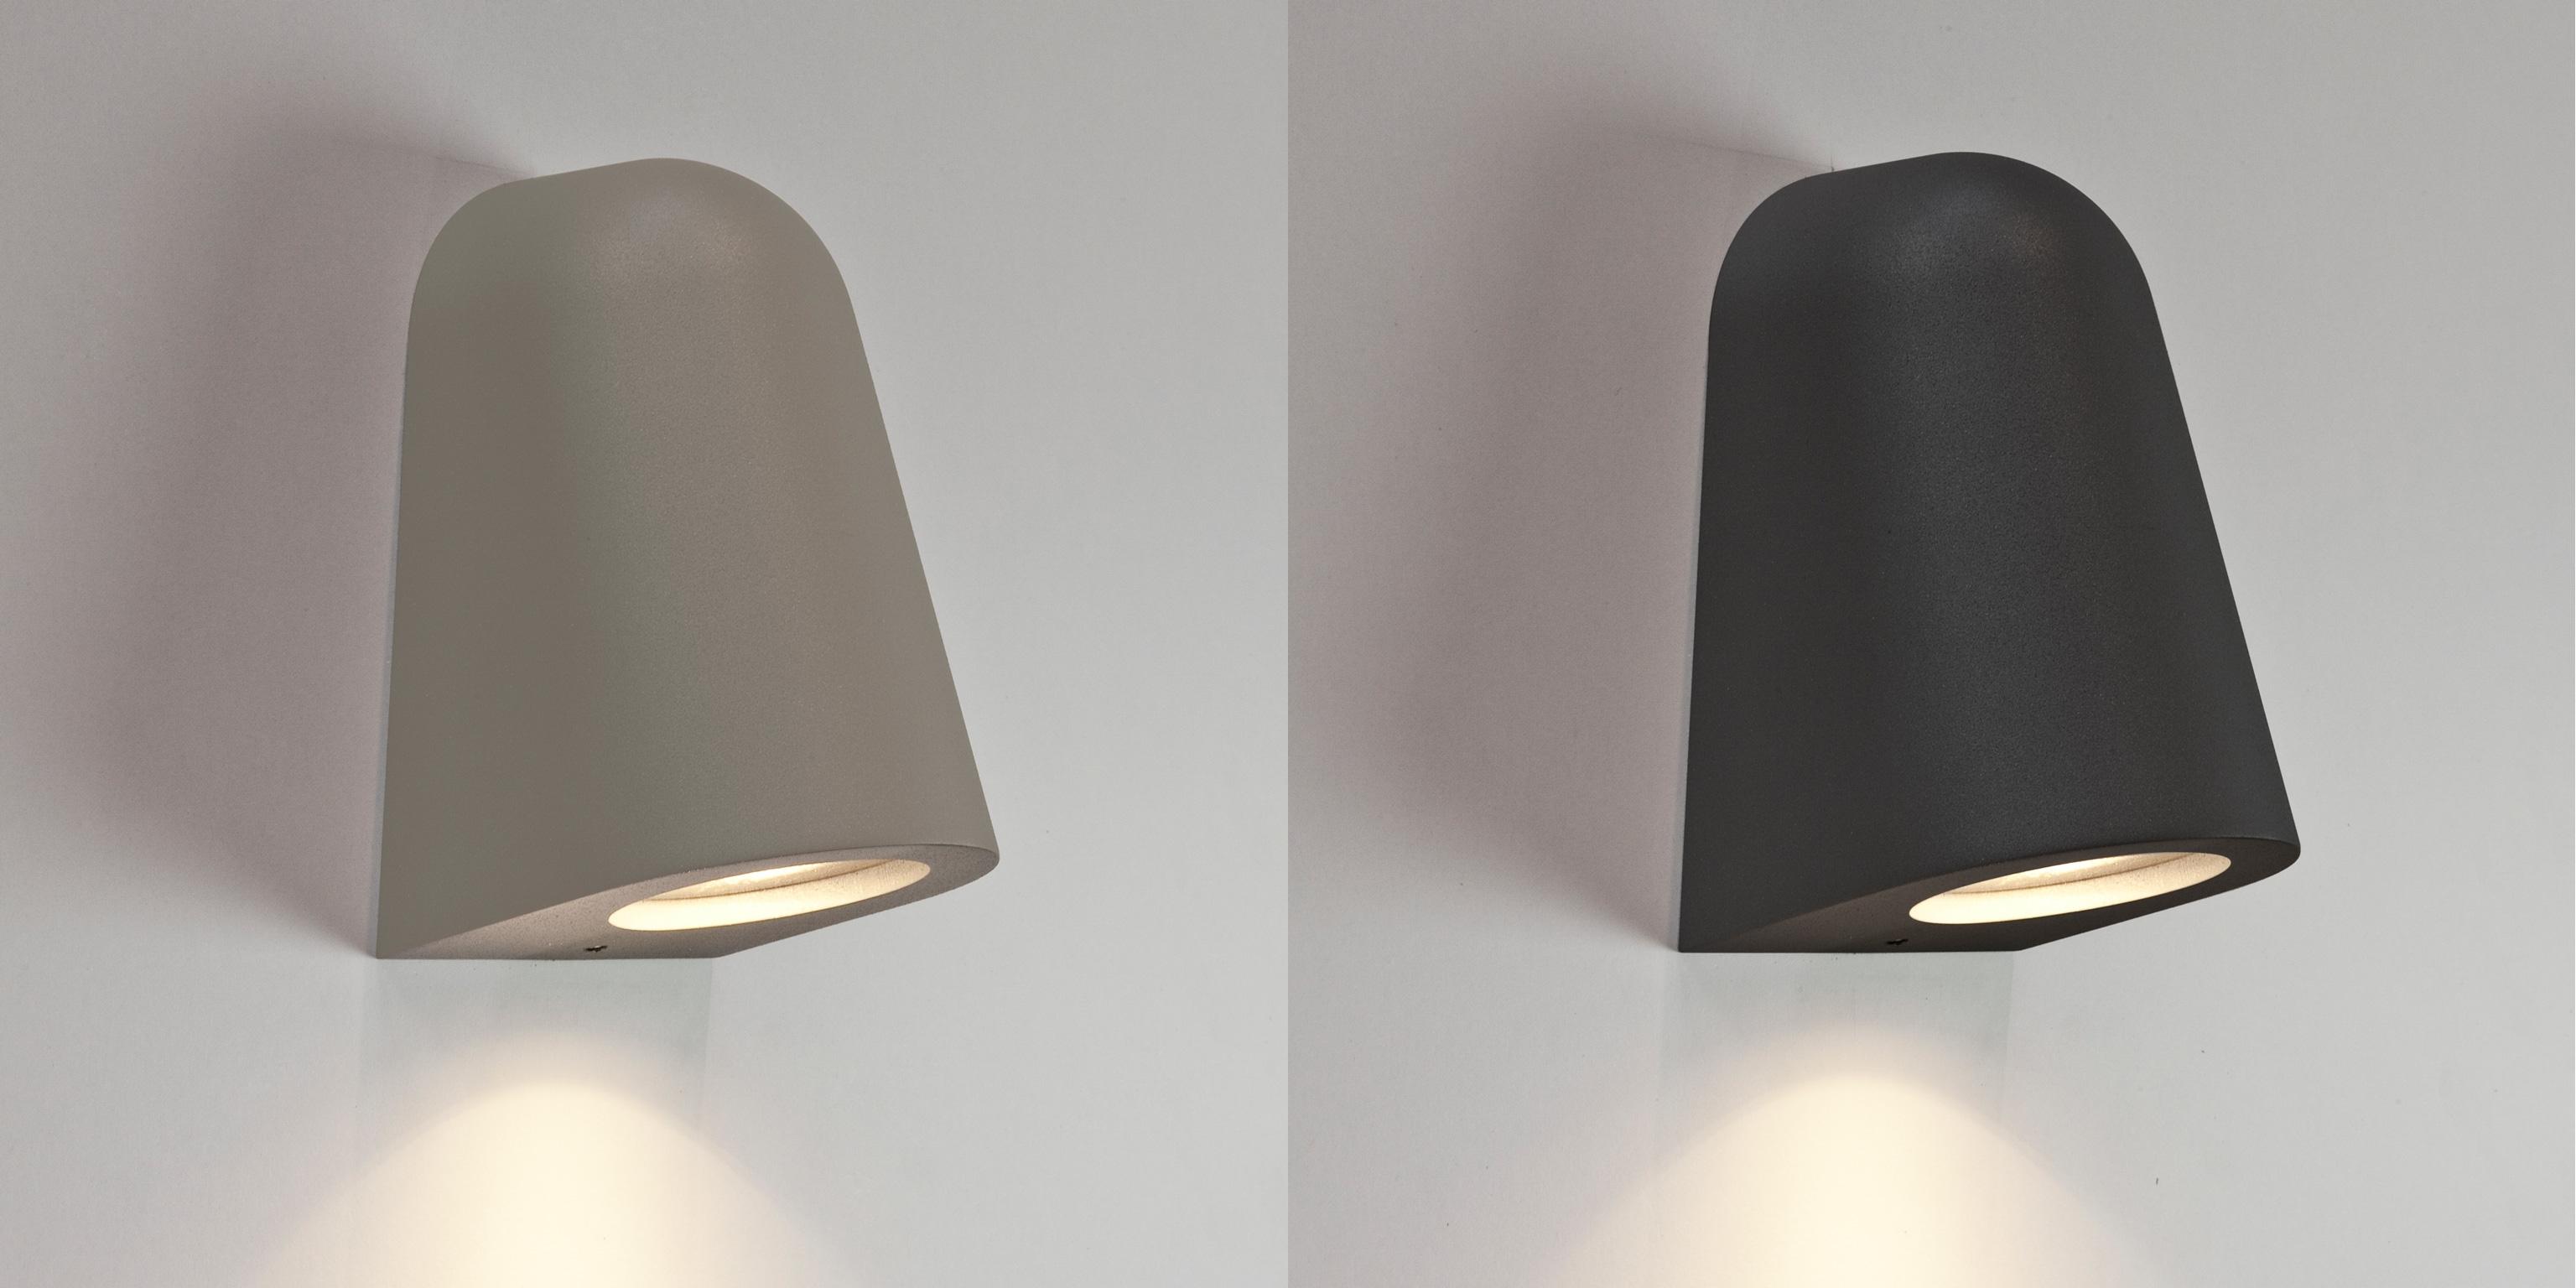 Halogen Exterior Wall Lights : Astro Mast IP65 halogen outdoor exterior wall lights down 35W GU10 silver black eBay